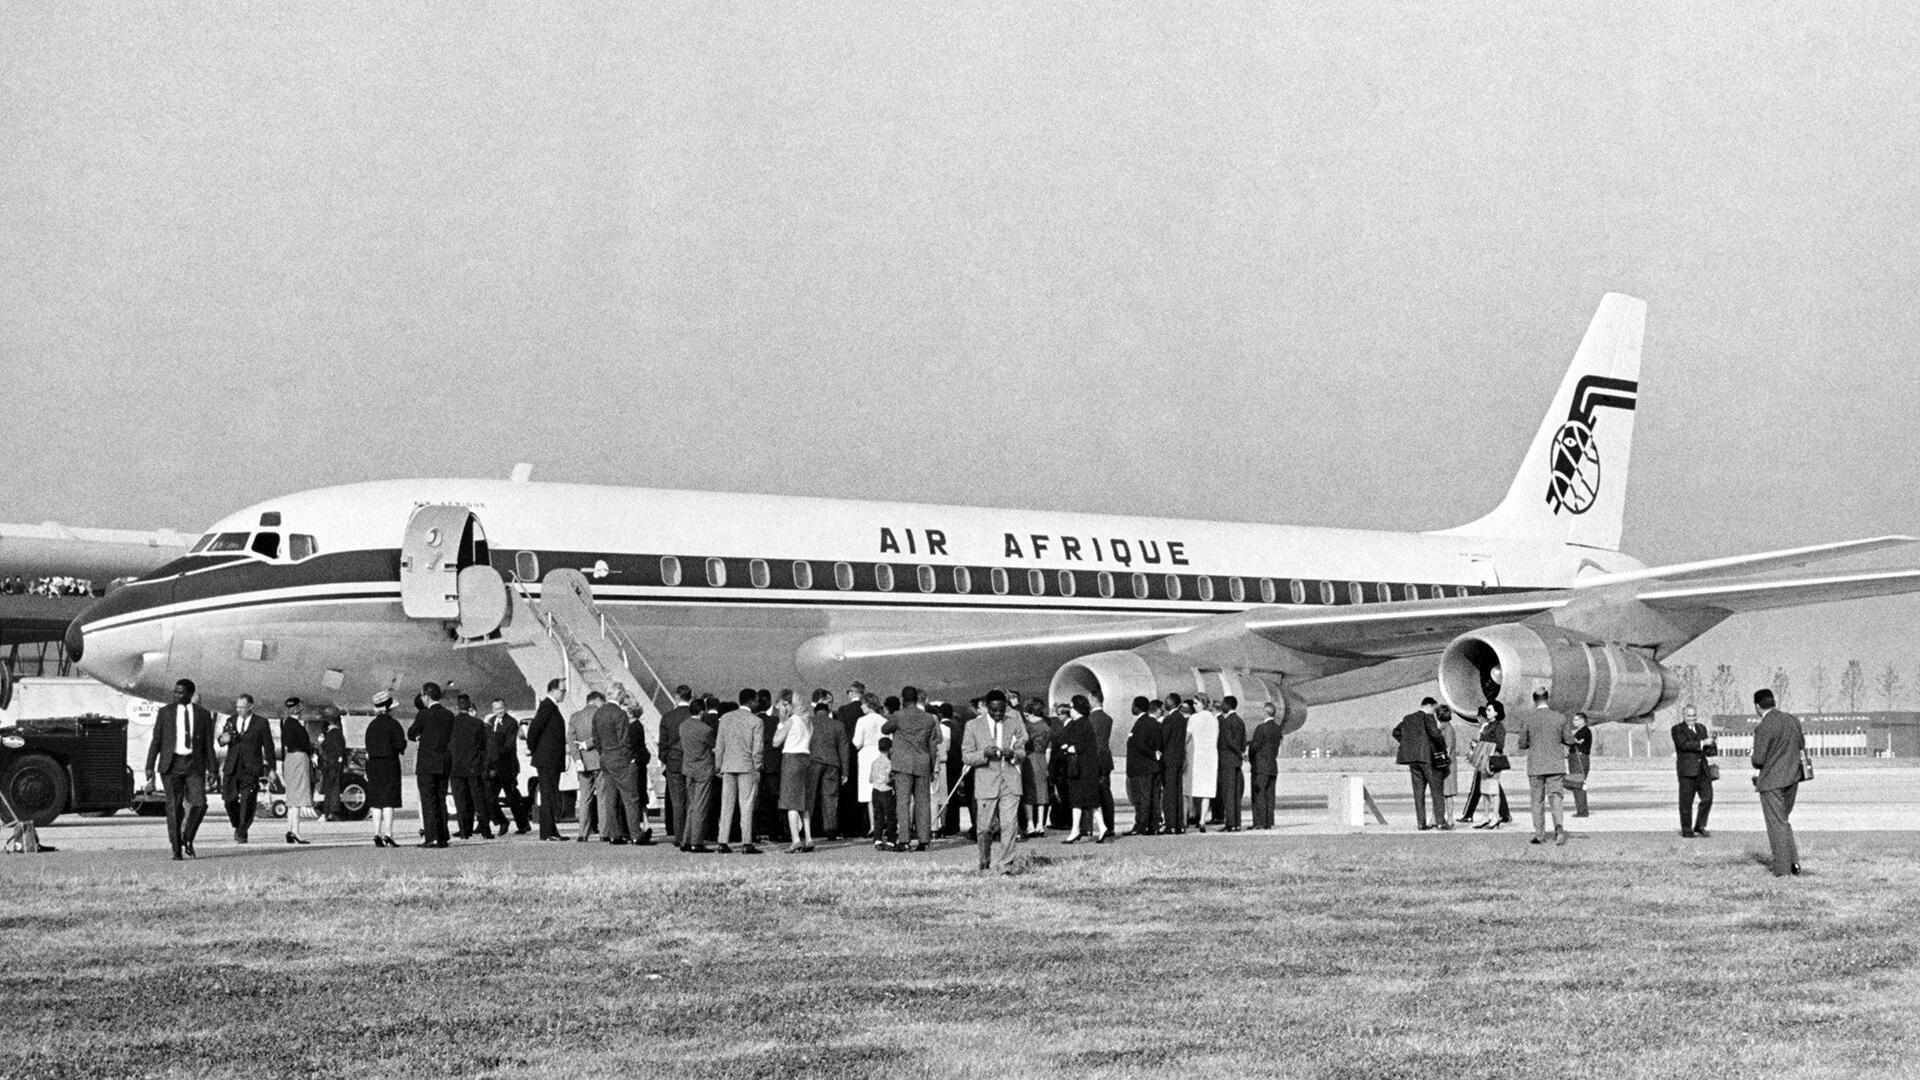 Cérémonies de lancement de la compagnie aérienne africaine à l'aéroport international de Dulles, Washington DC, le 19 octobre 1963.